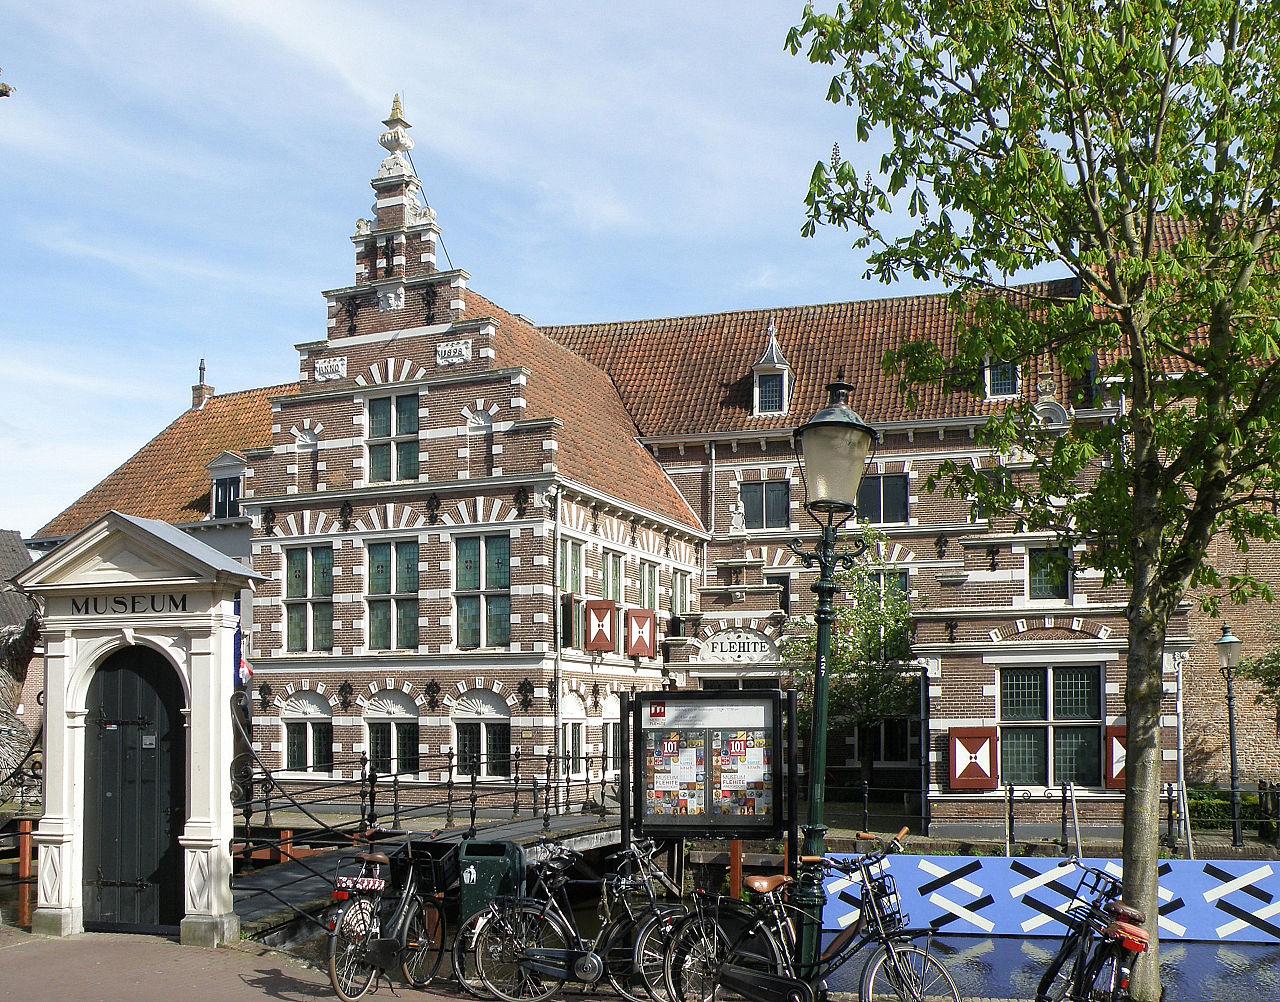 File:Amersfoort Museum Flehite 2.JPG